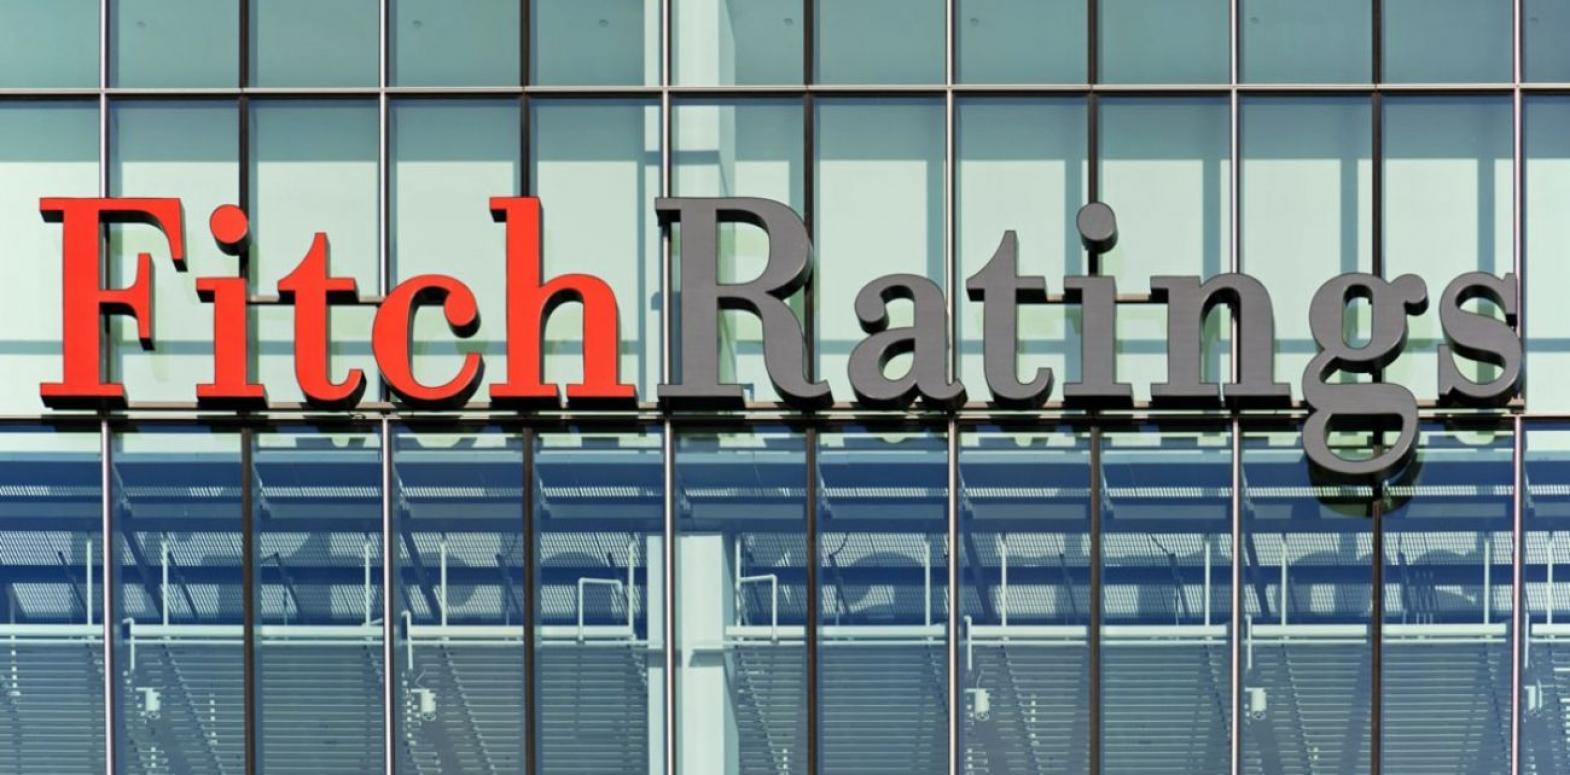 Экономика Украины восстановится после кризиса: агентство Fitch назвало сроки